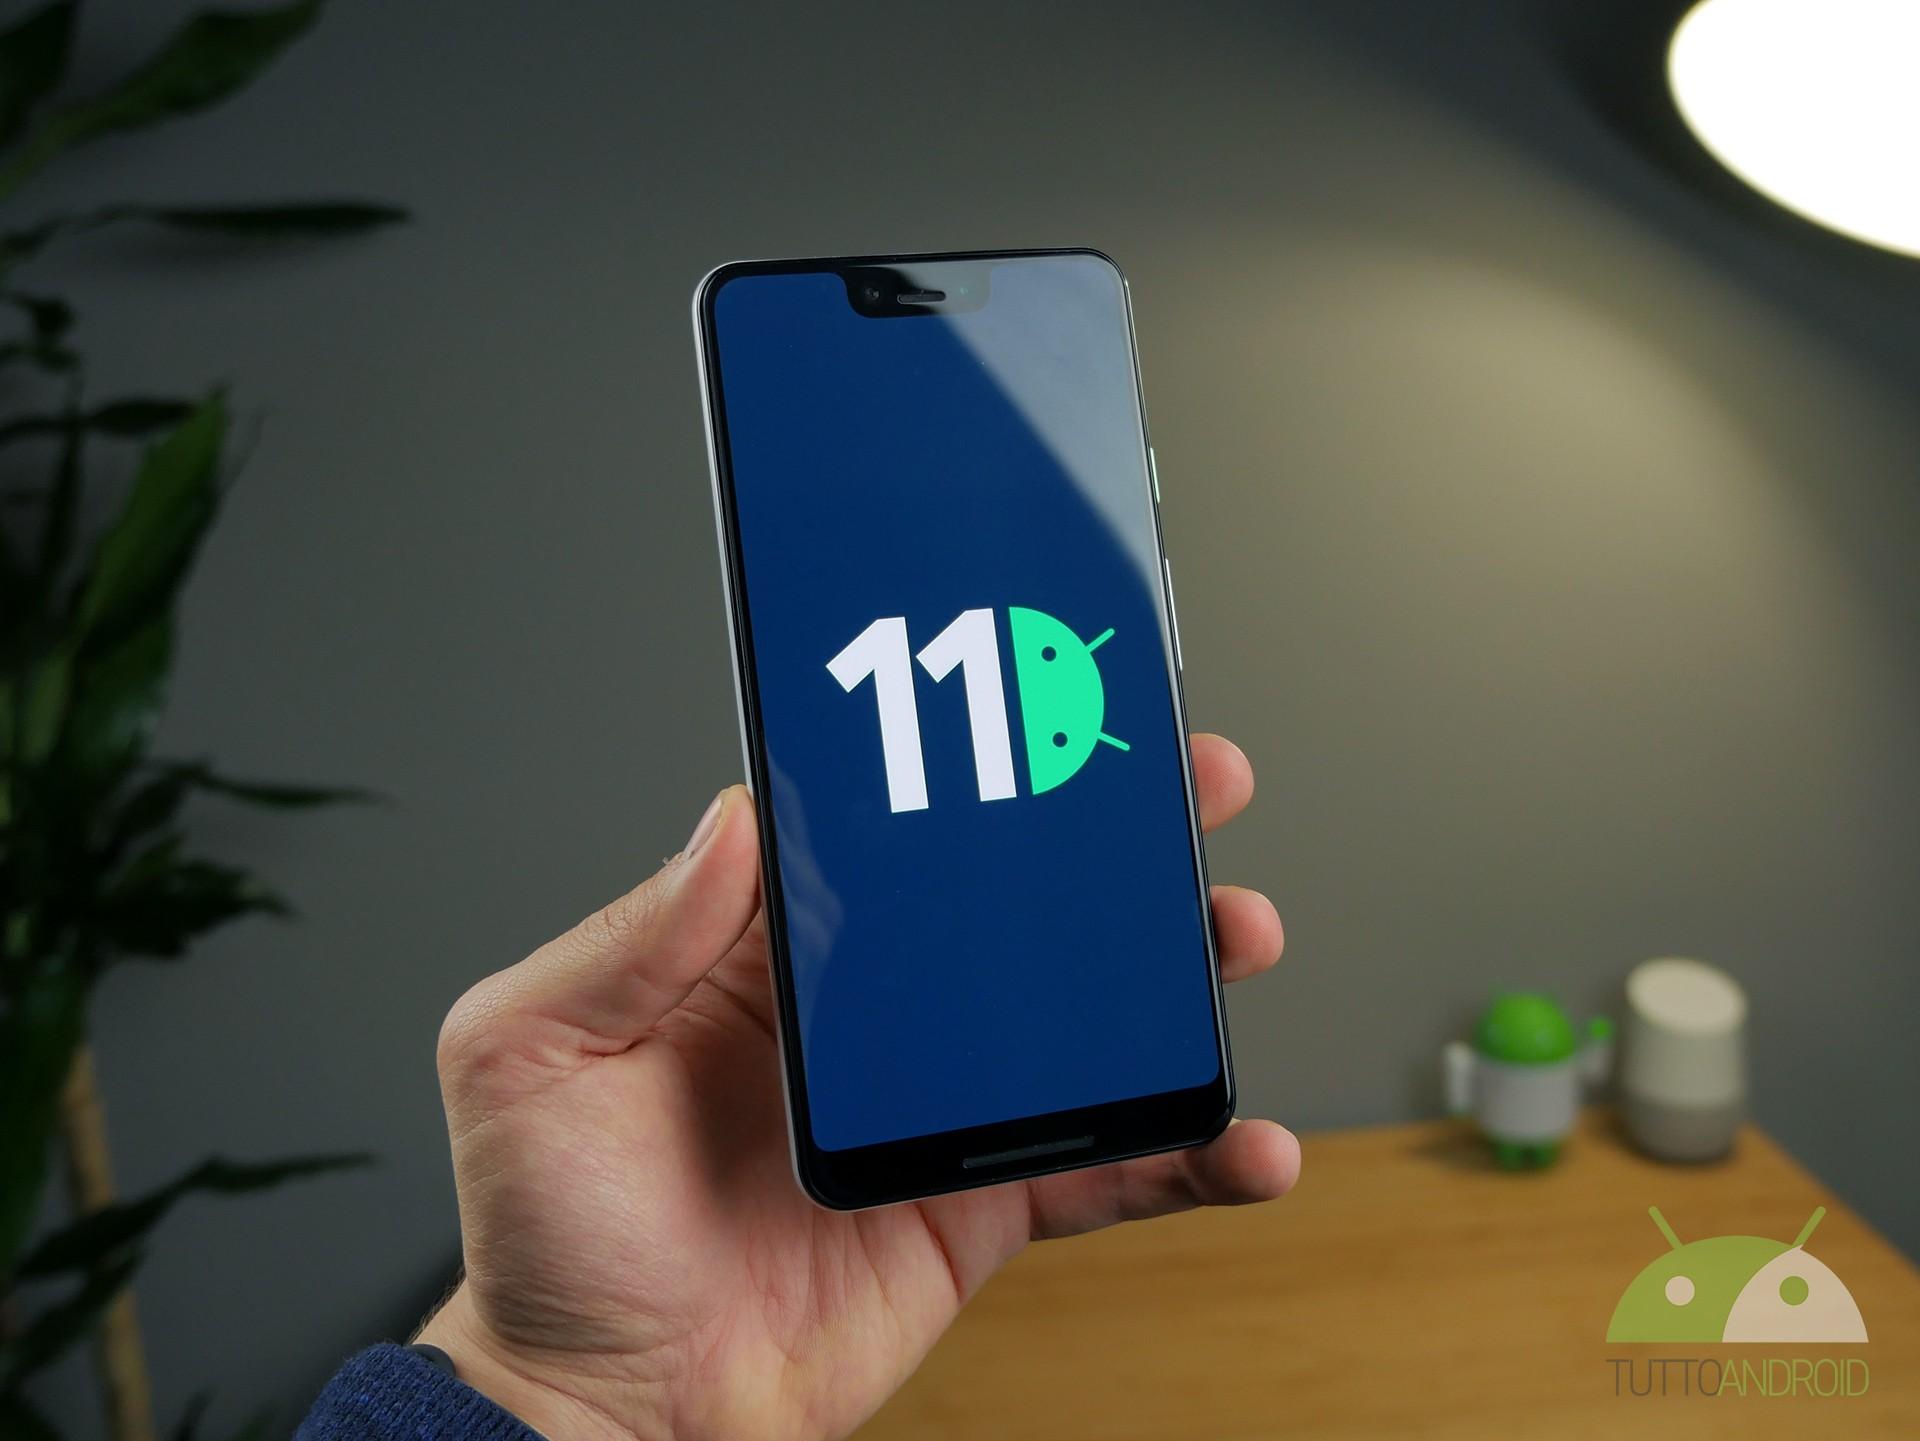 Ecco il nuovo sistema degli screenshot di Android 11